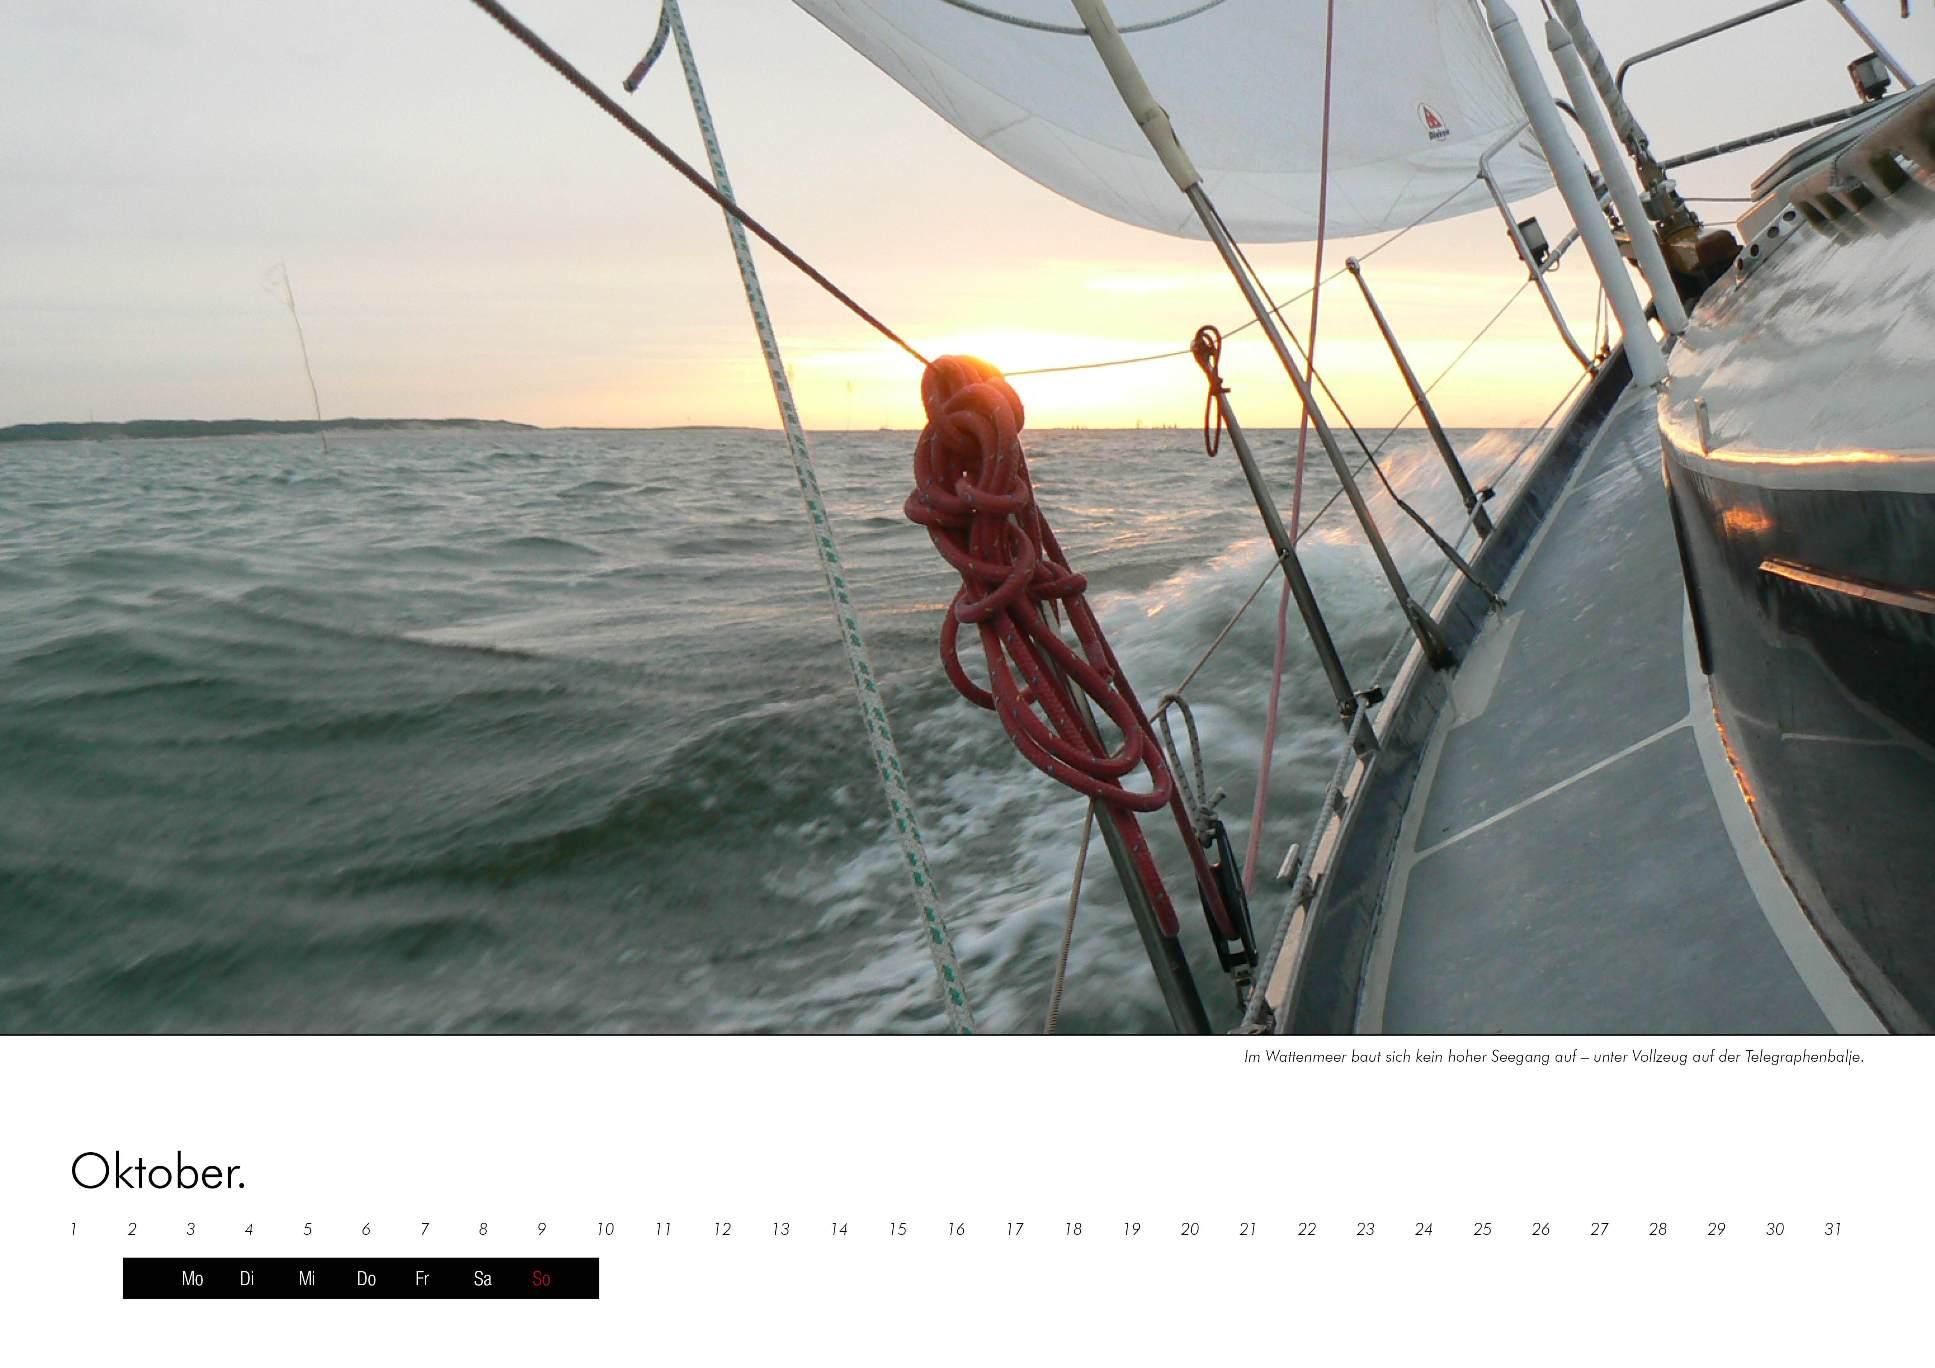 Kalenderbild eines Segelschiffs in der Nordsee, das Fahrt aufnimmt im immerwährenden Kalender